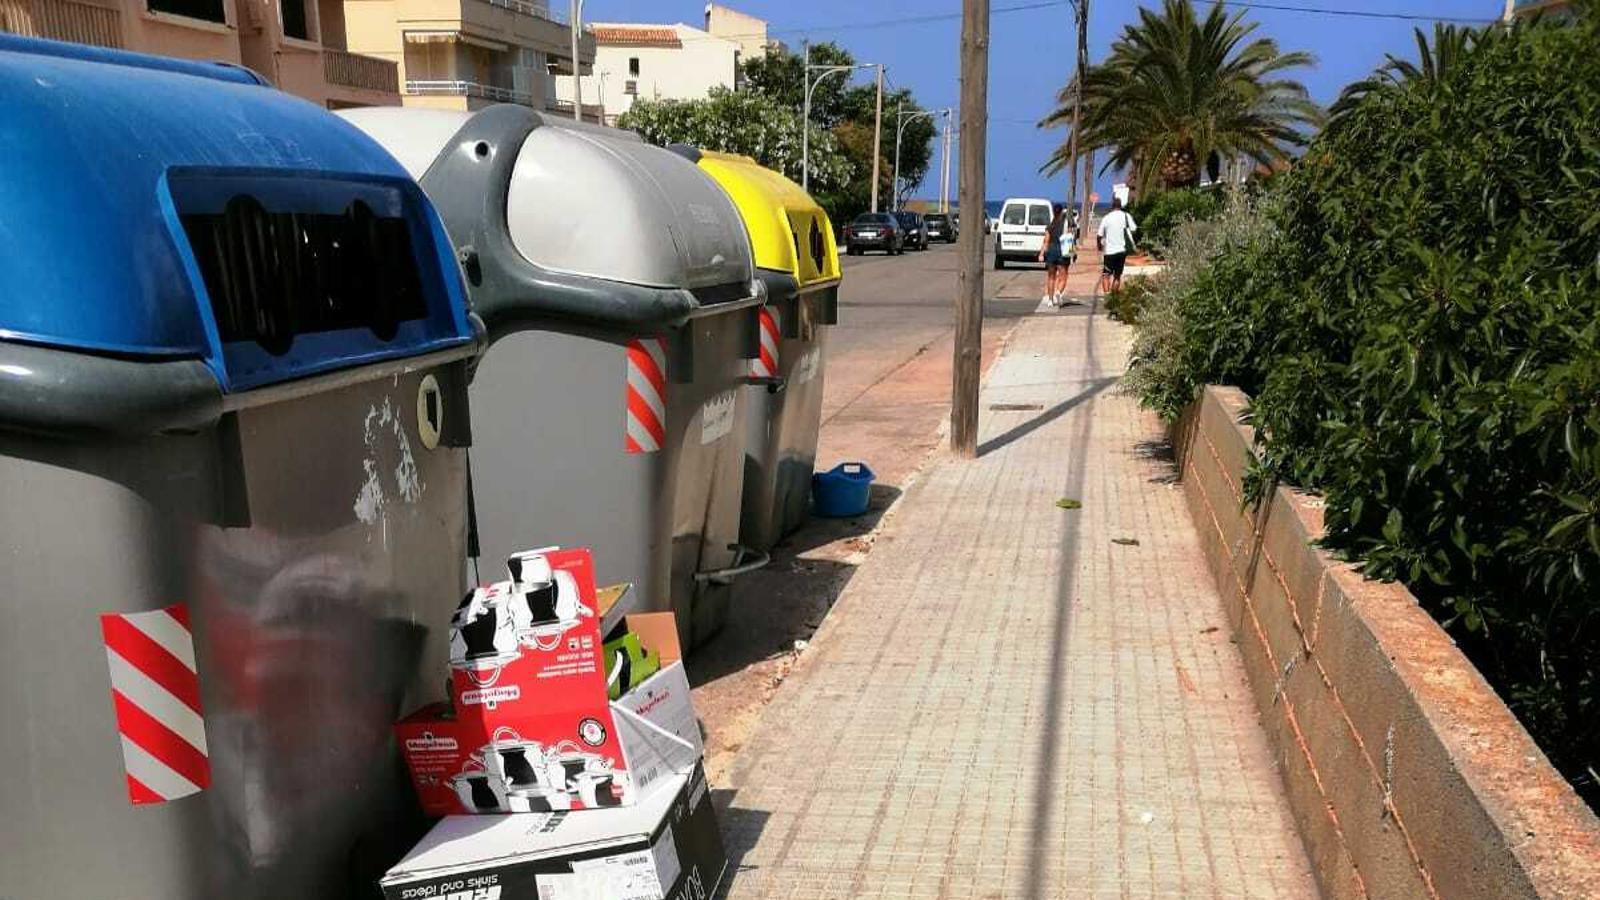 L'Ajuntament vol que la zona de contenidors estigui constantment neta.